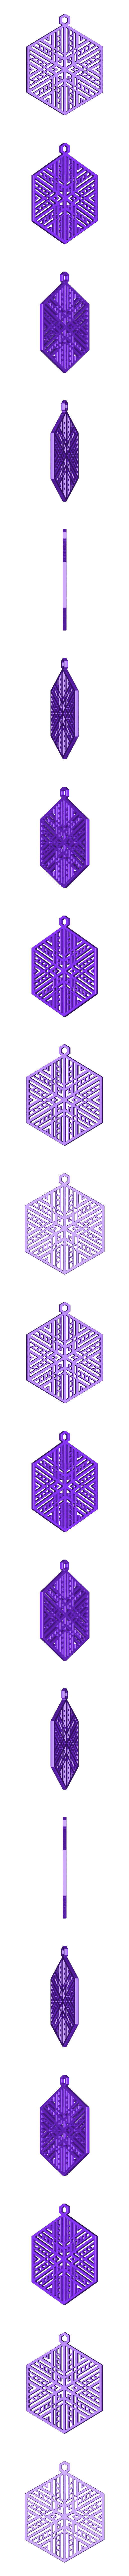 Ornament_D.stl Télécharger fichier OBJ gratuit Quatre ornements inspirés du vitrail • Design pour imprimante 3D, Not3dred